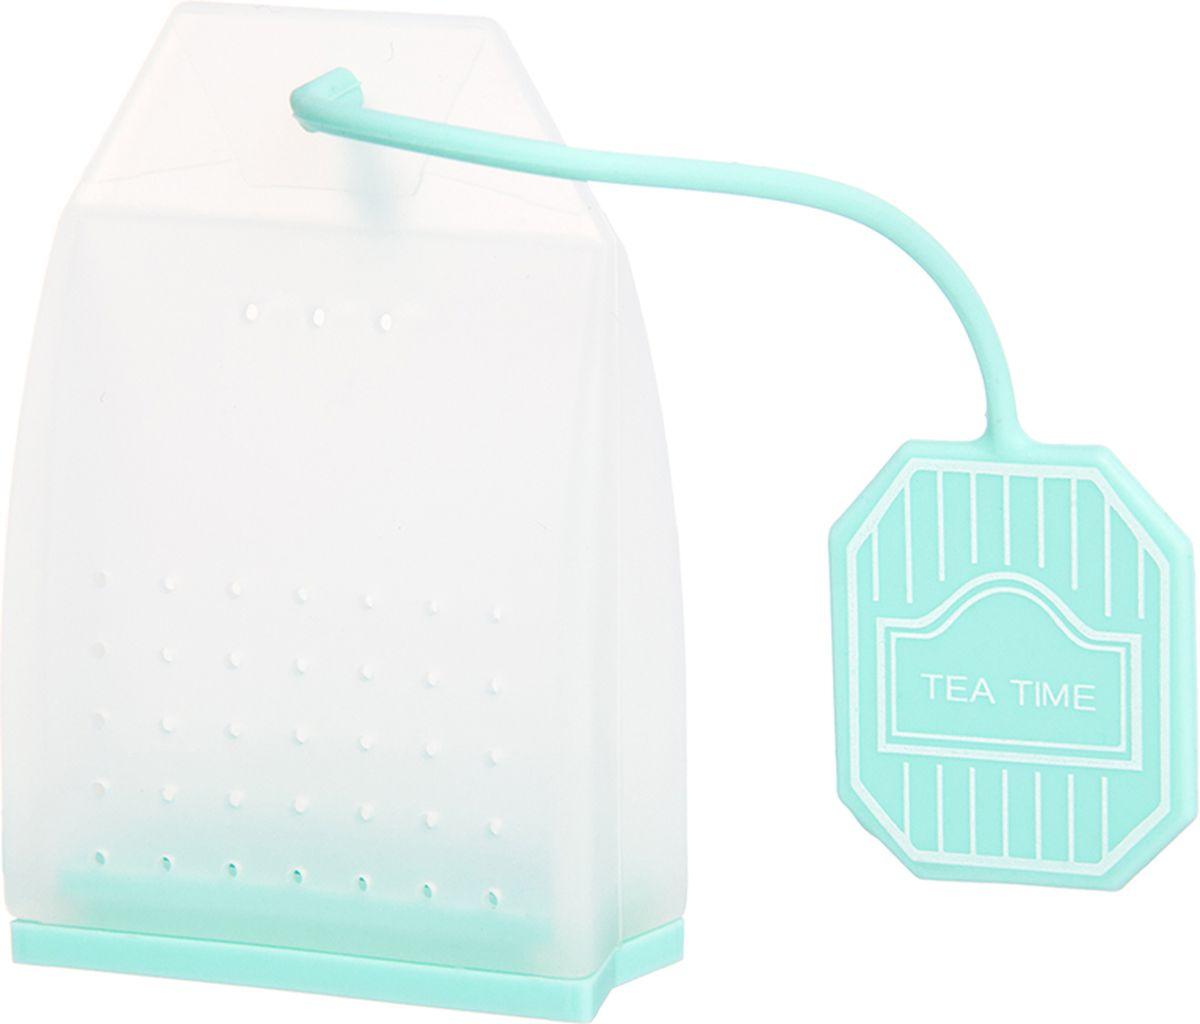 Ситечко для чая Elan Gallery Пакетик, цвет: белый, мятный, 4,5 х 6,7 х 2 см900059Силиконовое ситечко для заварки чая и трав прекрасно подойдет всем любителям чая. Ситечко довольно вместительное, с удобным силиконовым шнурком. Размер 4х3,3х5 см.